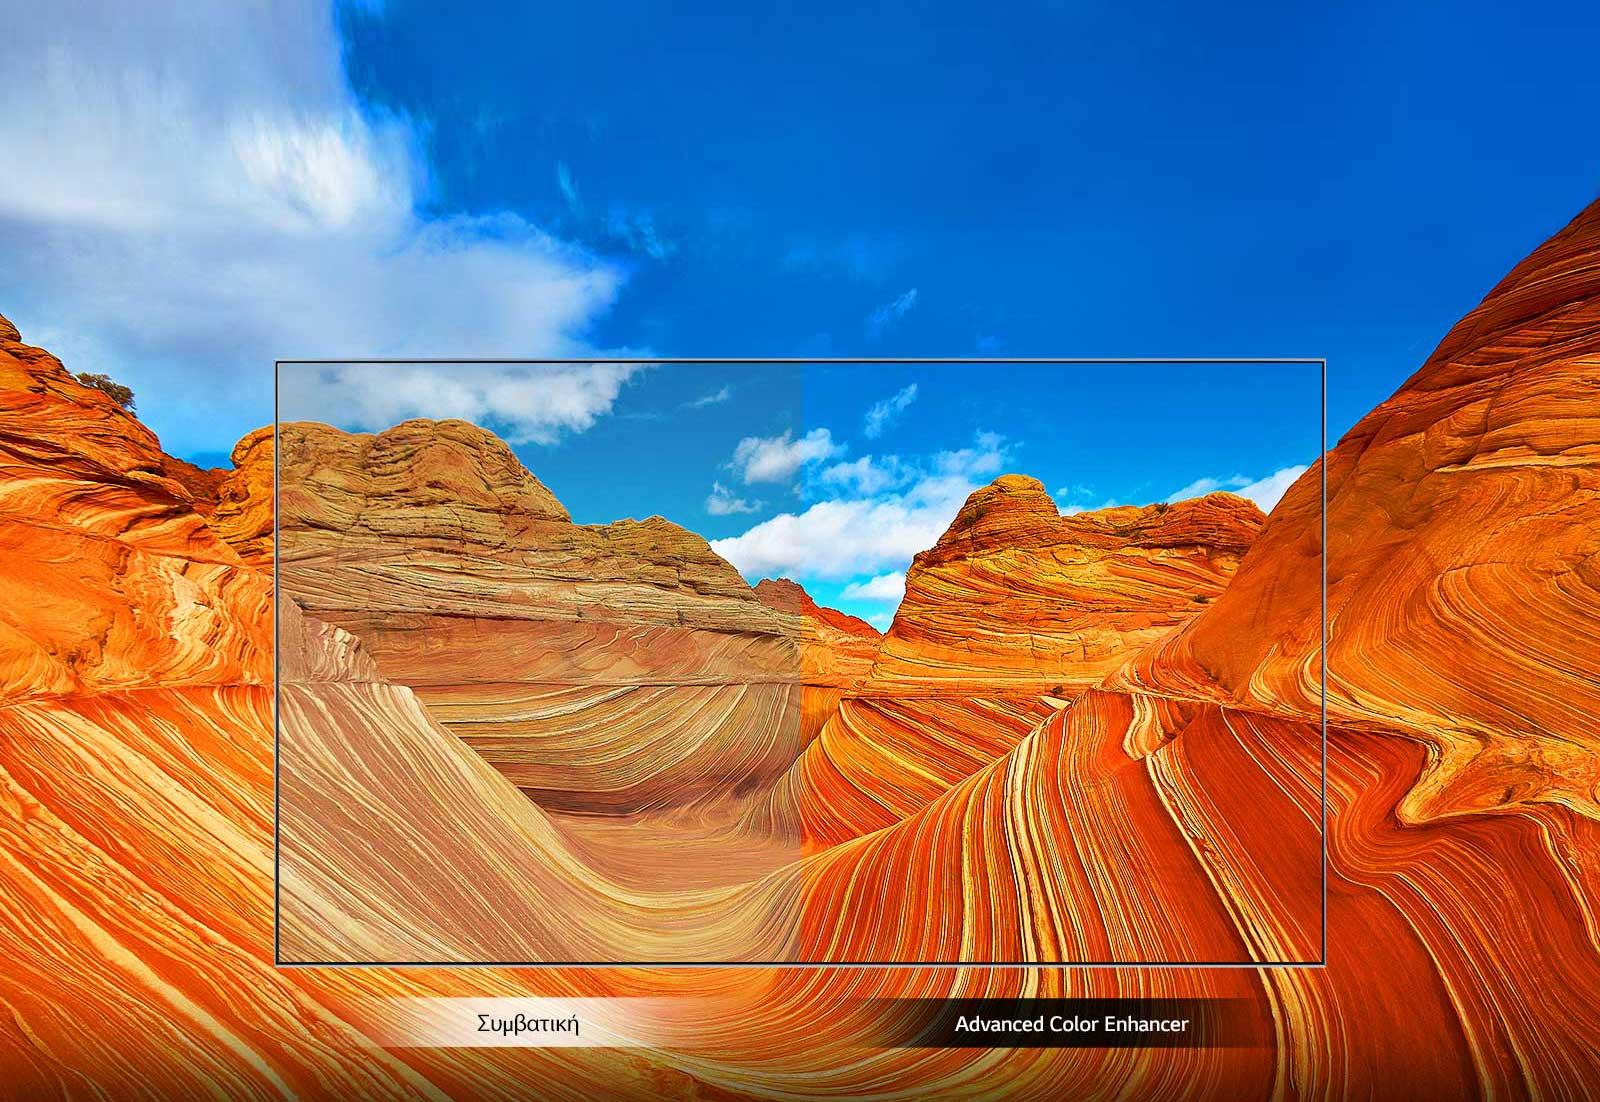 TV-UHD-UM70-05-Advanced-Color-Enhancer-Desktop-v2